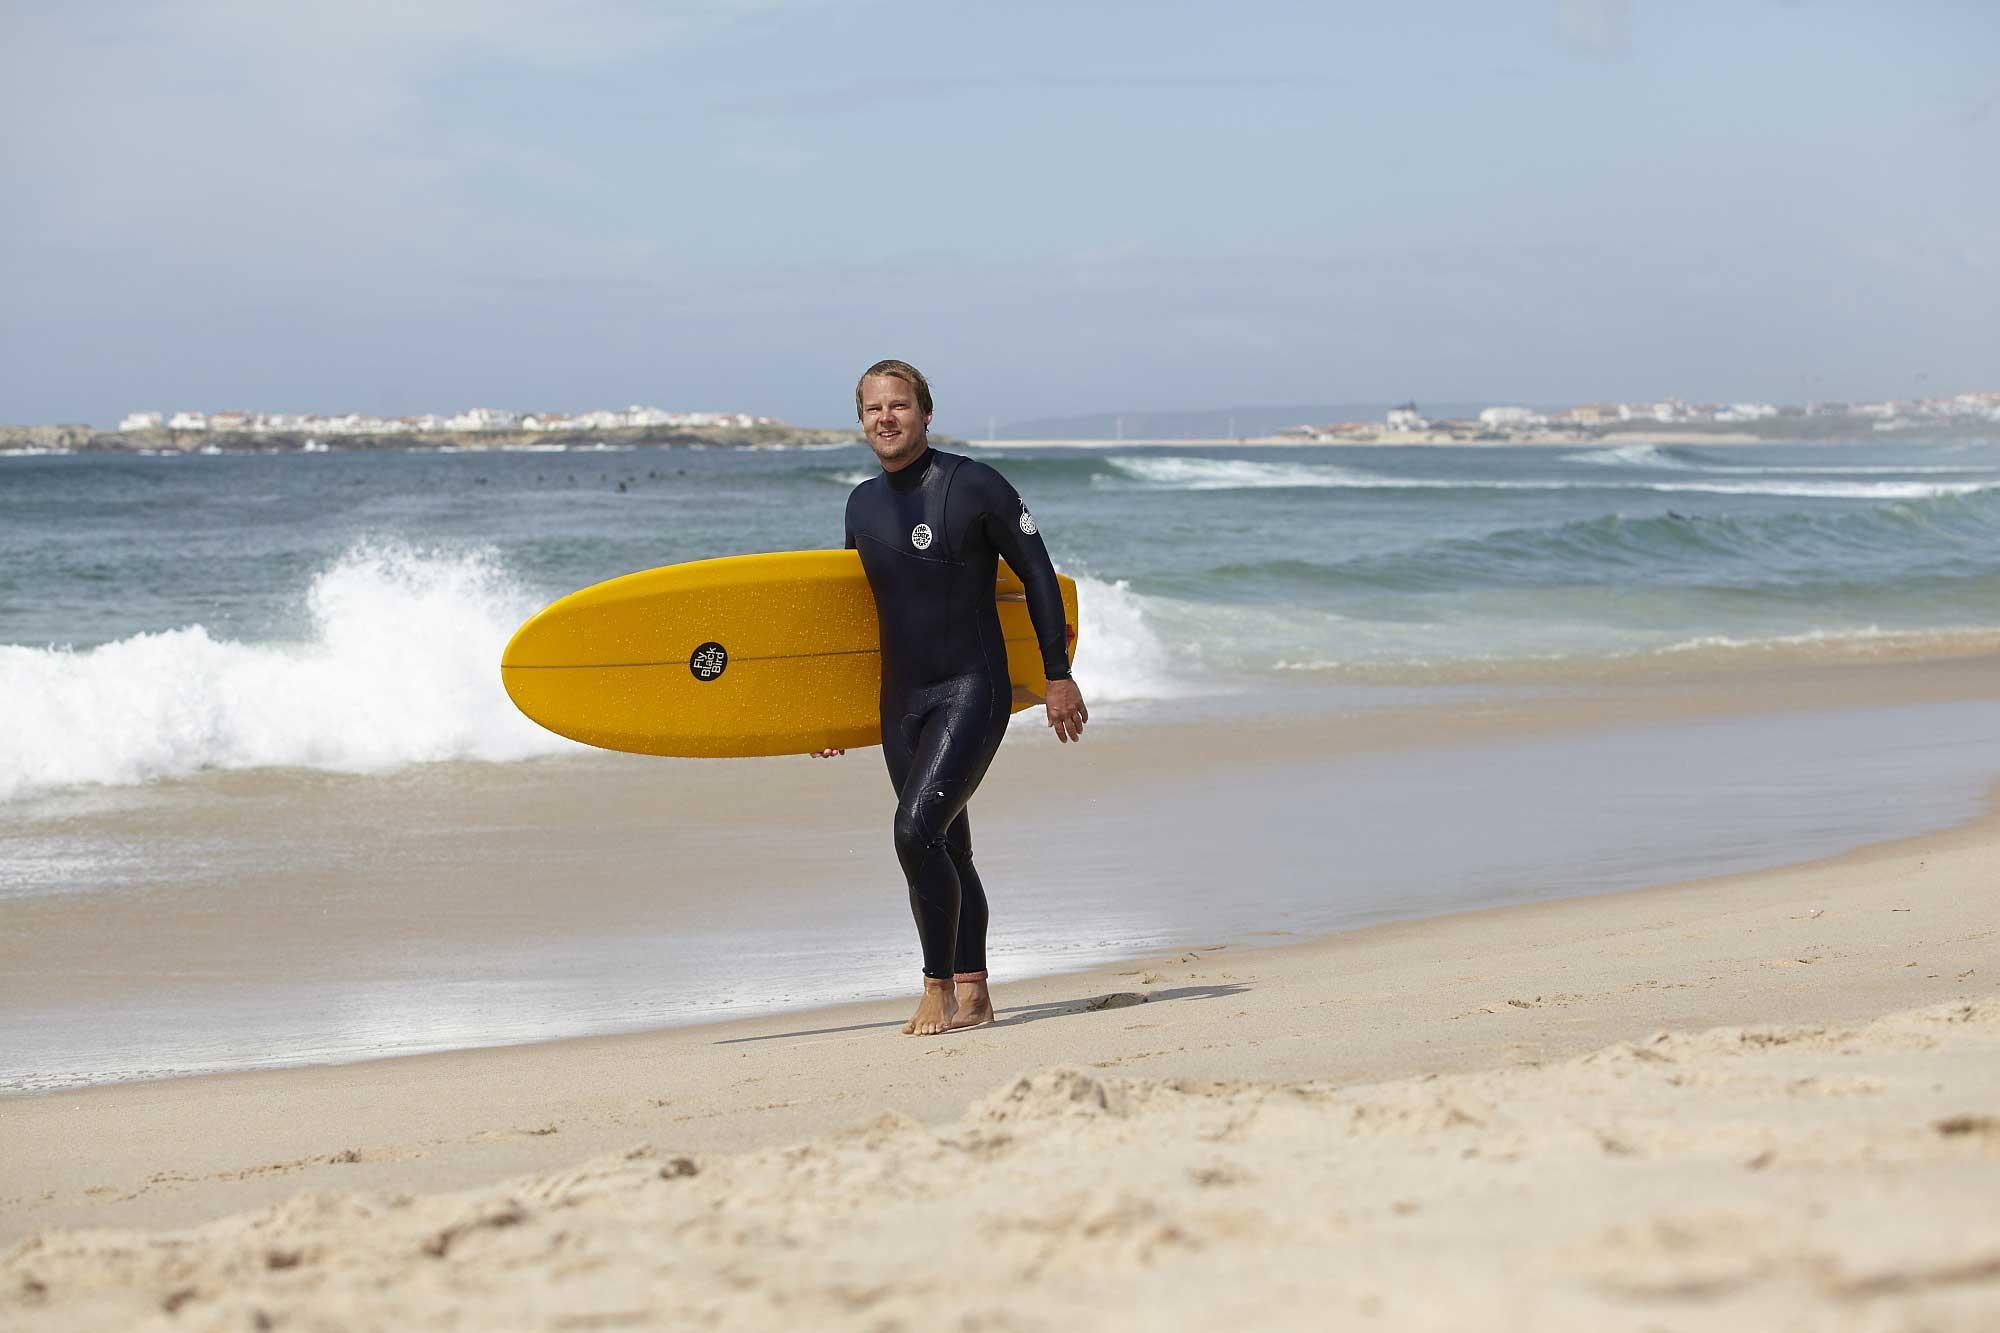 Julian Siewert betreibt den Surfblog Surfnomade und kann sich Arbeit sowie Surfzeit frei einteilen.